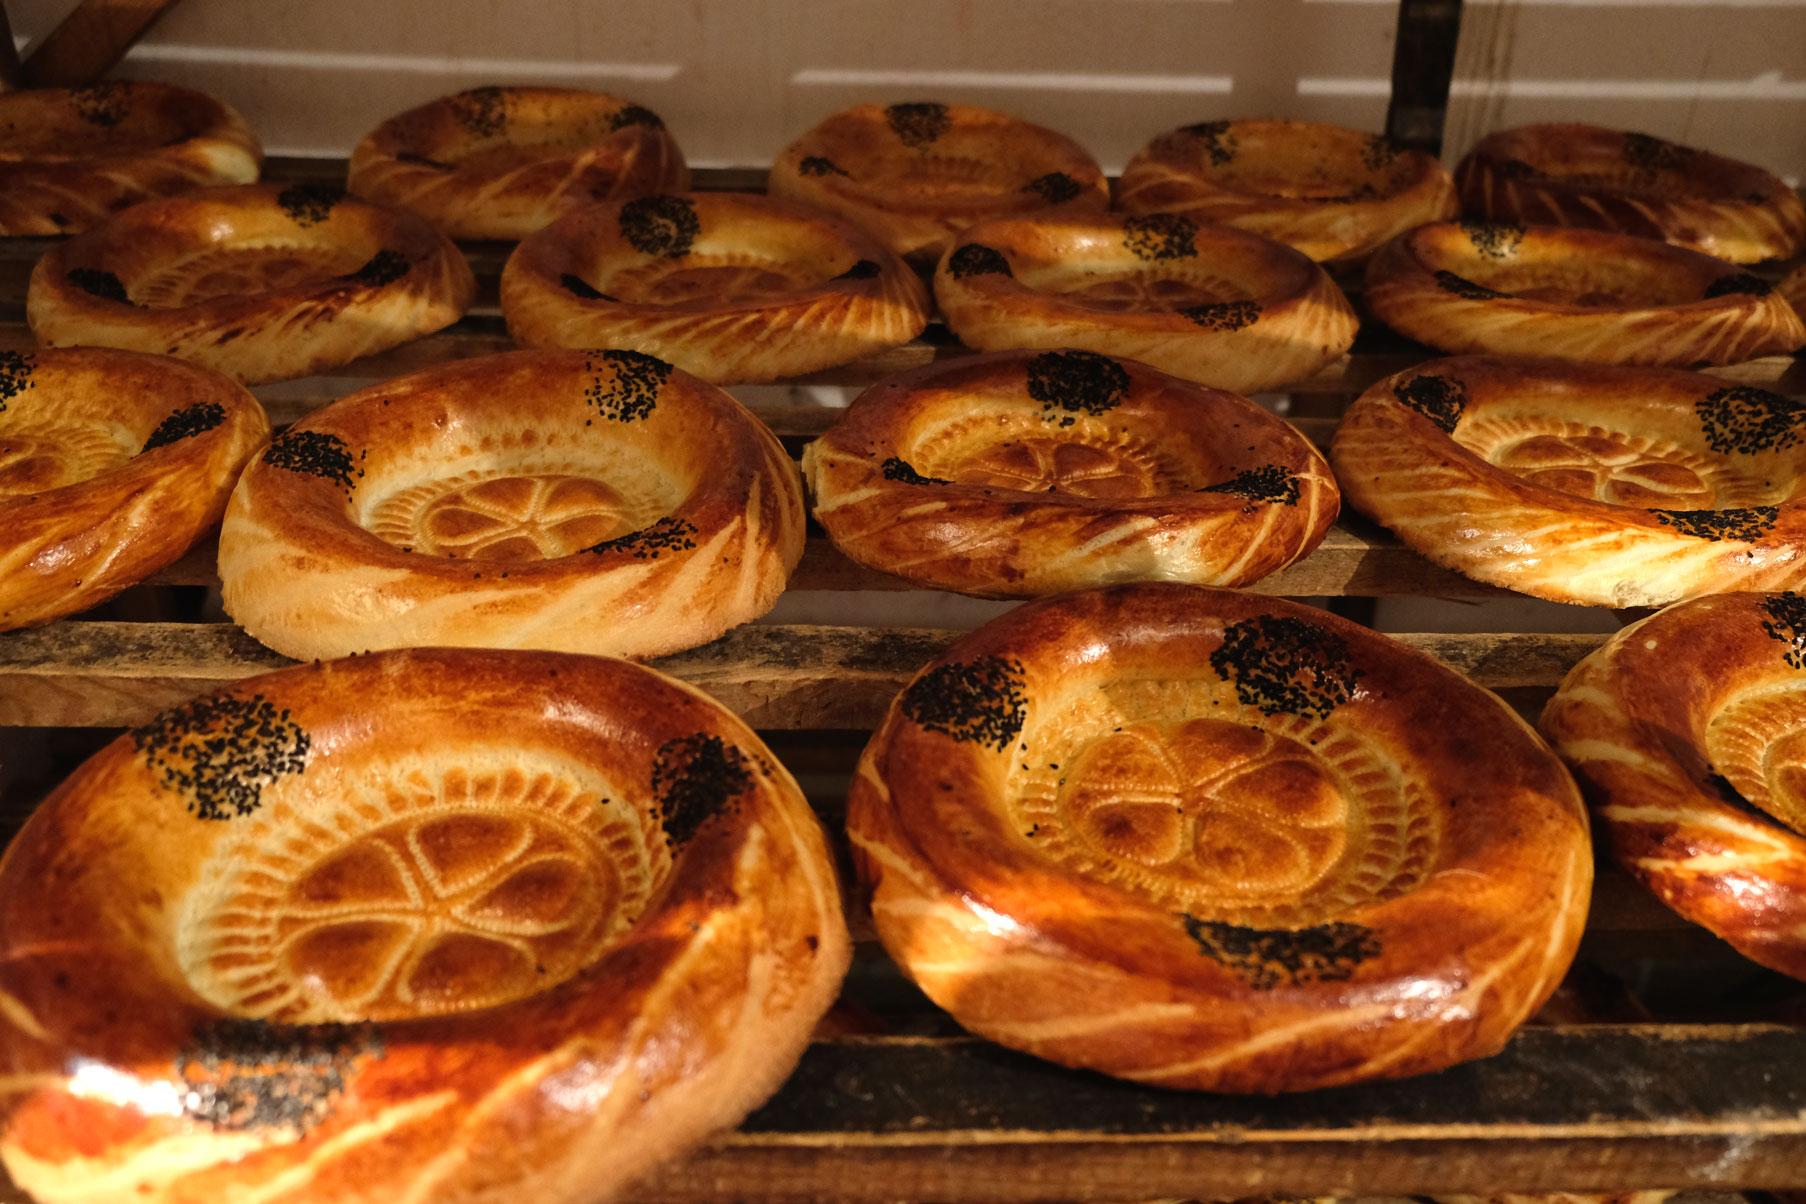 Kirkisisches Brot.